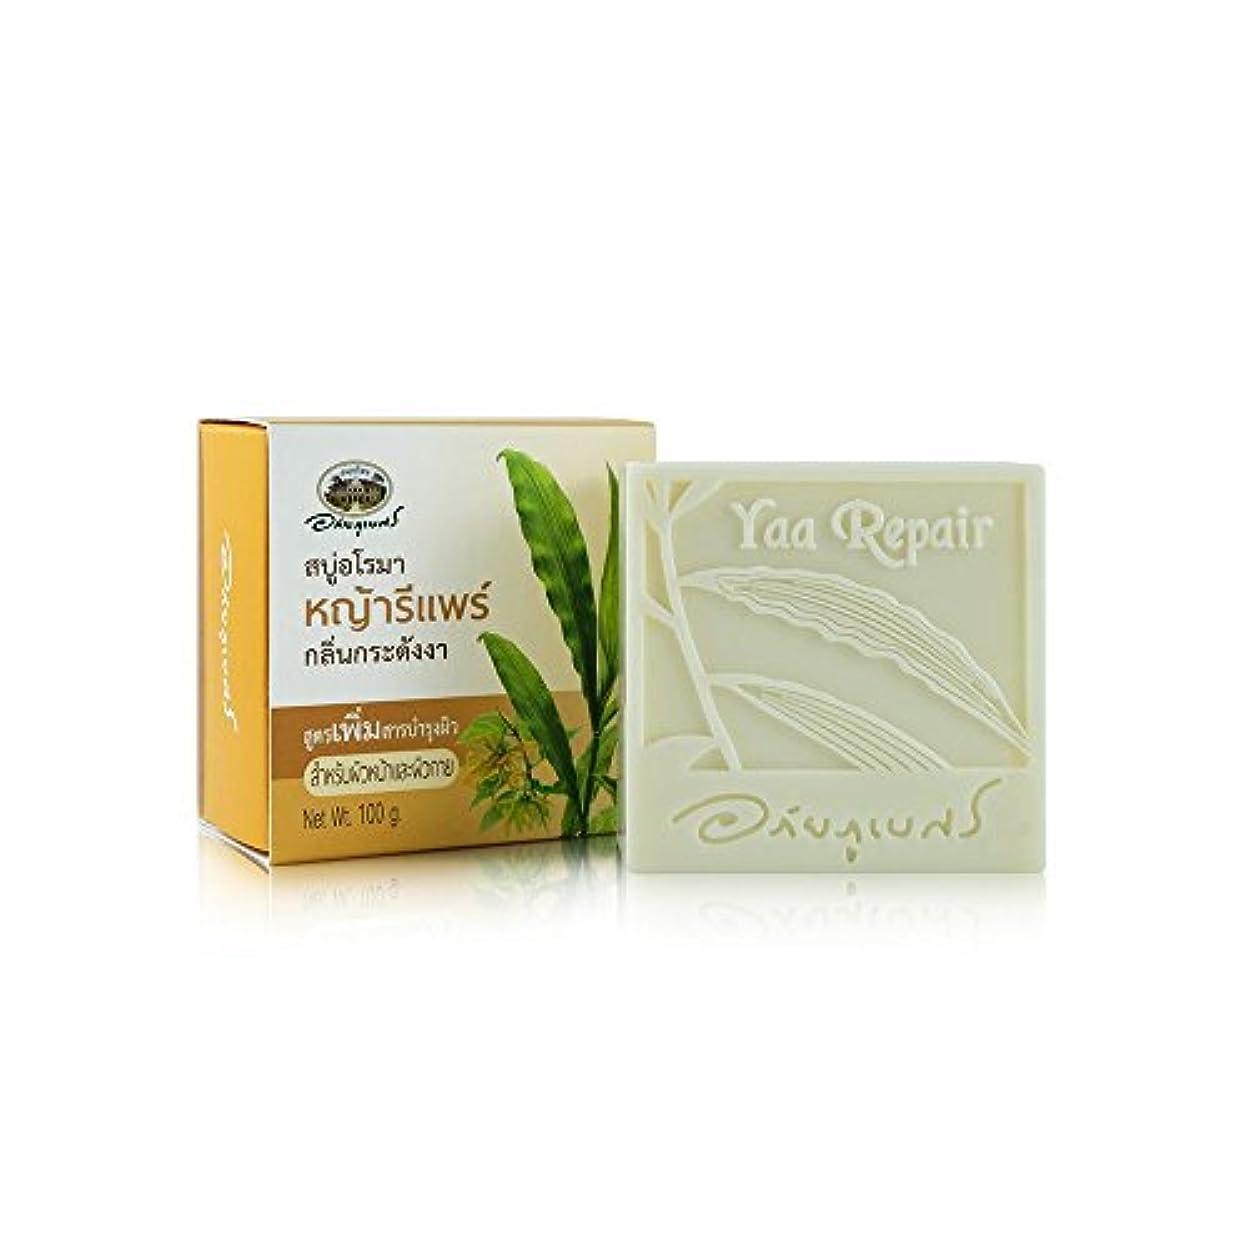 人気の周囲溝Abhaibhubejhr Thai Aromatherapy With Ylang Ylang Skin Care Formula Herbal Body Face Cleaning Soap 100g.